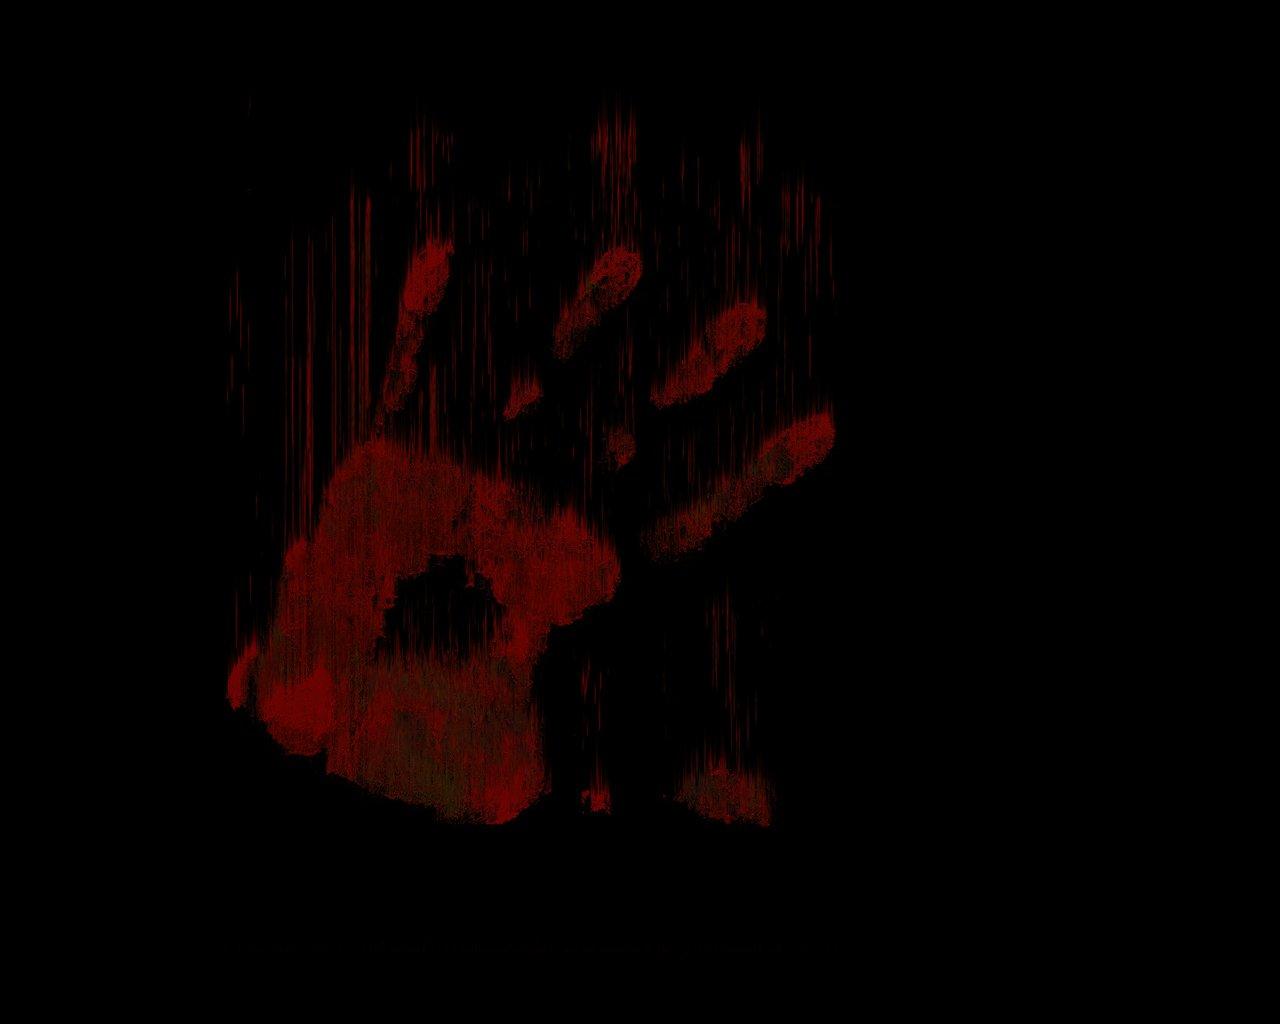 bloody wallpaper hd wallpapersafari